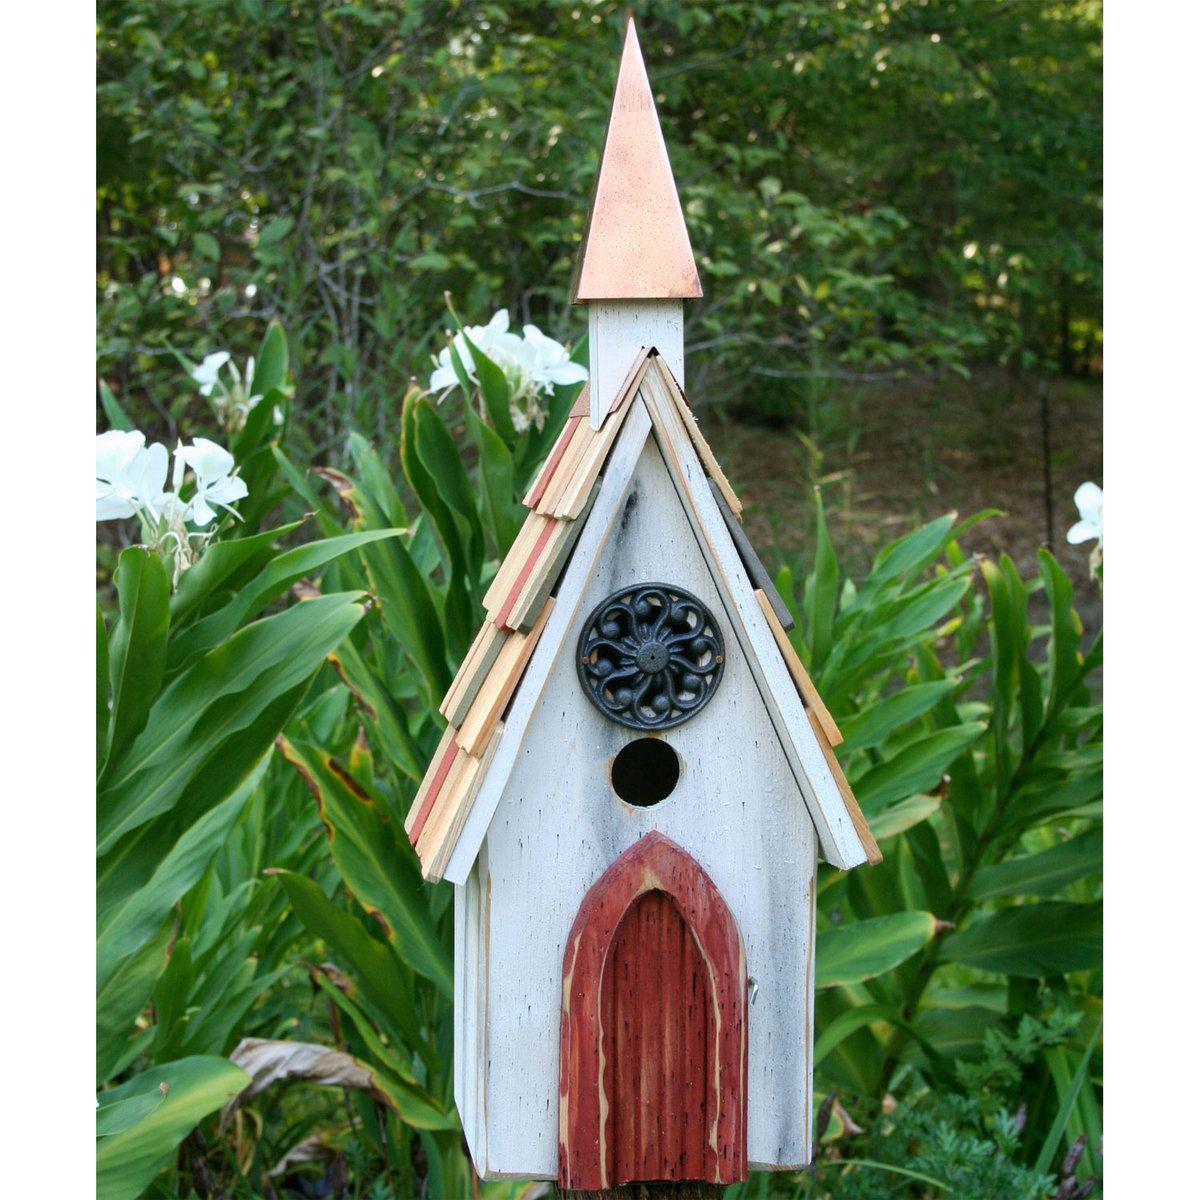 jubilee-church-bird-house-white.jpg (1200×1200)